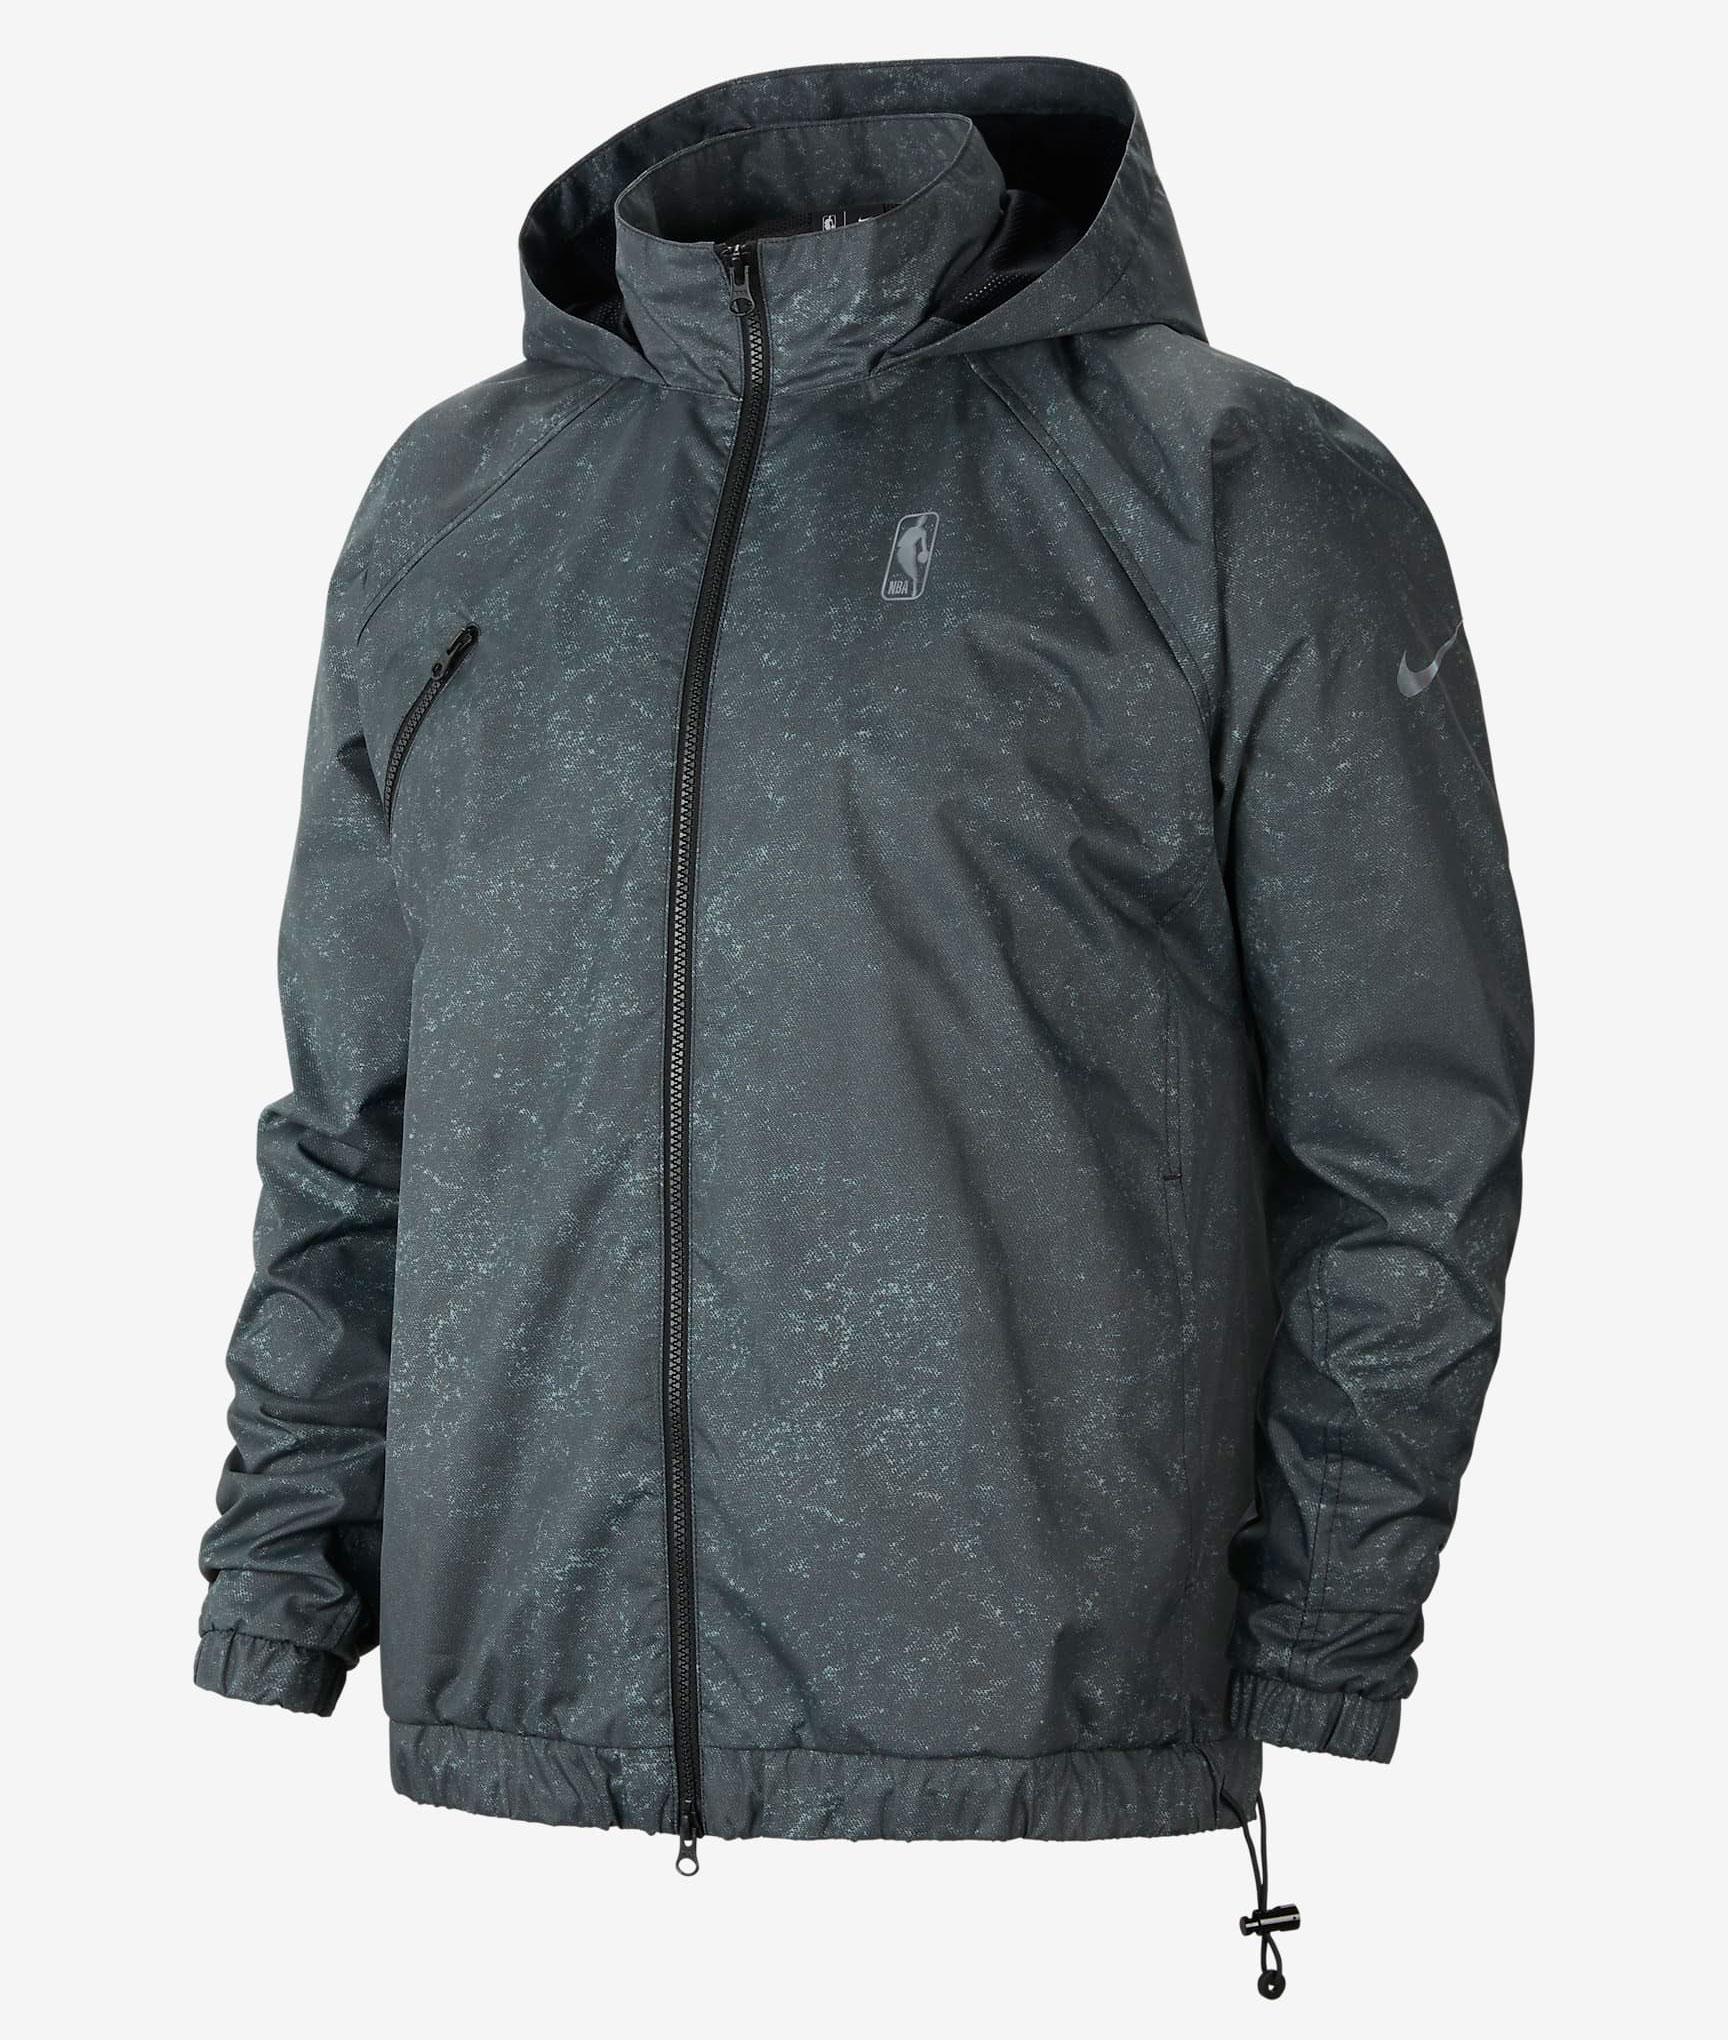 nike-nba-team-31-jacket-1